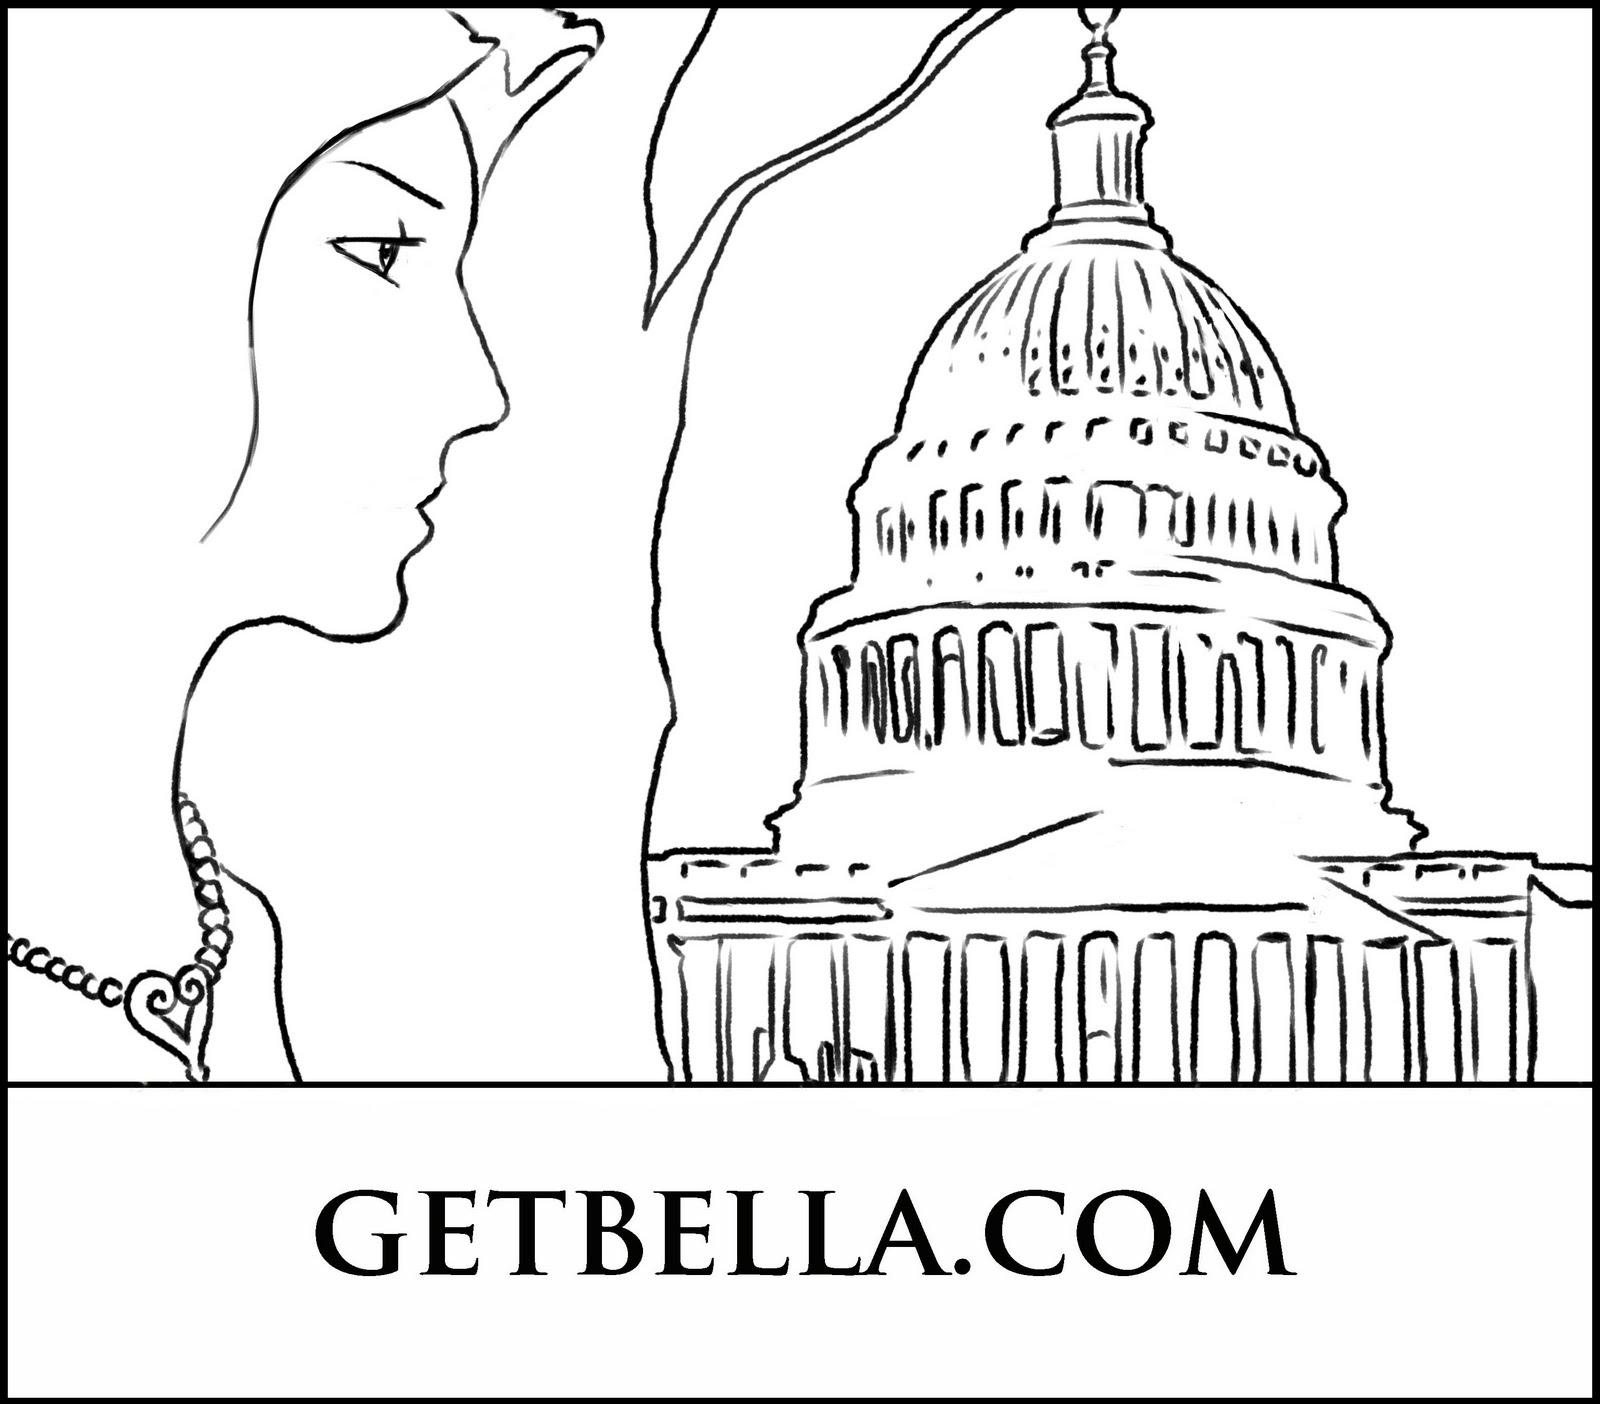 http://3.bp.blogspot.com/-VwhEbhowcWQ/ThzKo6FjMAI/AAAAAAAABIo/WC7L-ErxcAg/s1600/getbellashirt05%25255B1%25255D.jpg